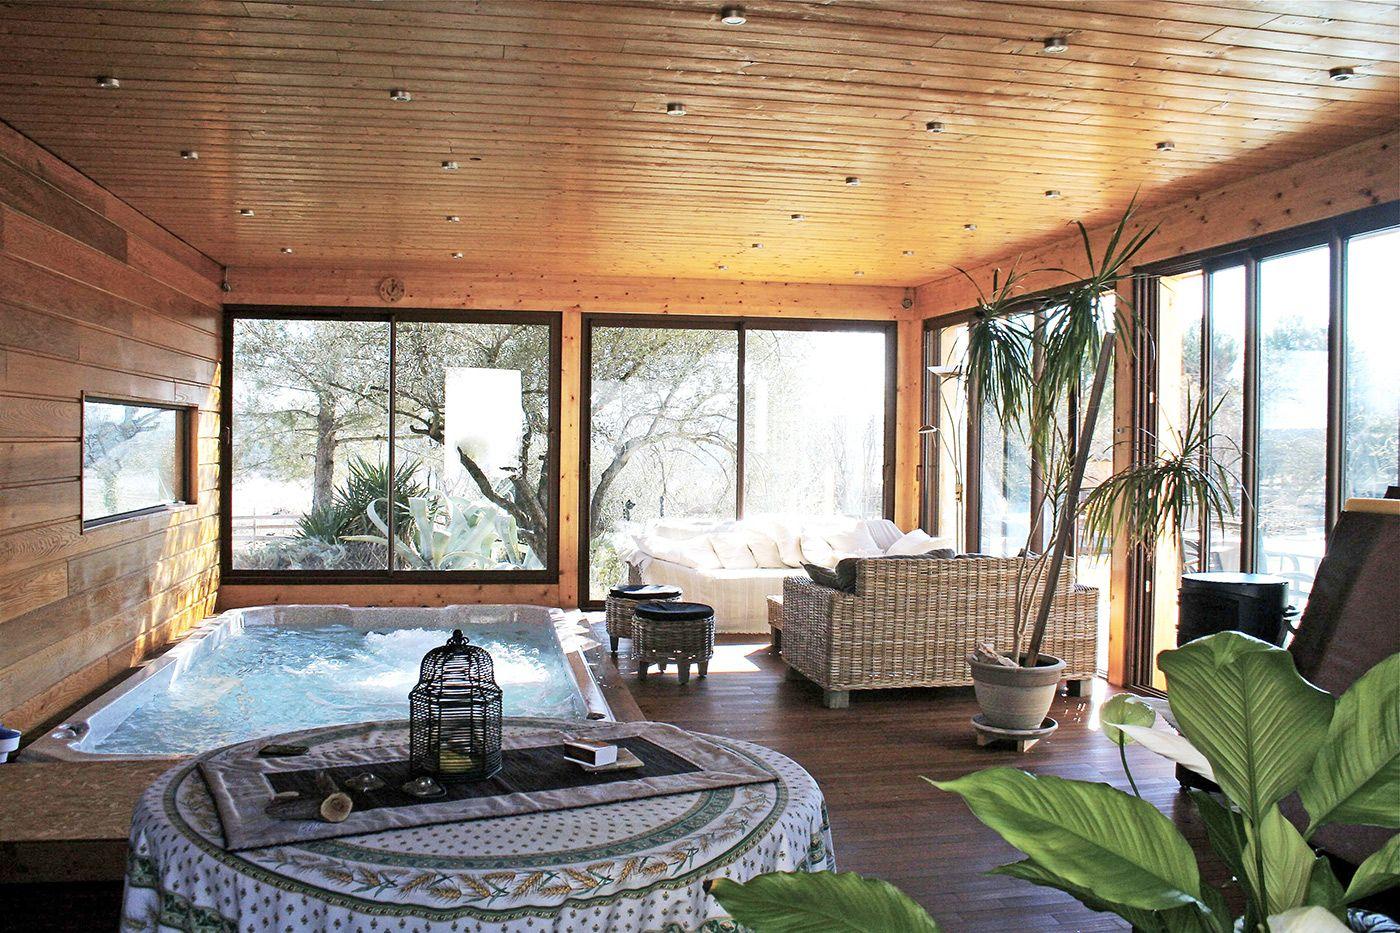 cette extension bois ajoute une pi ce lumineuse comme une v randa qui permet en hiver de. Black Bedroom Furniture Sets. Home Design Ideas